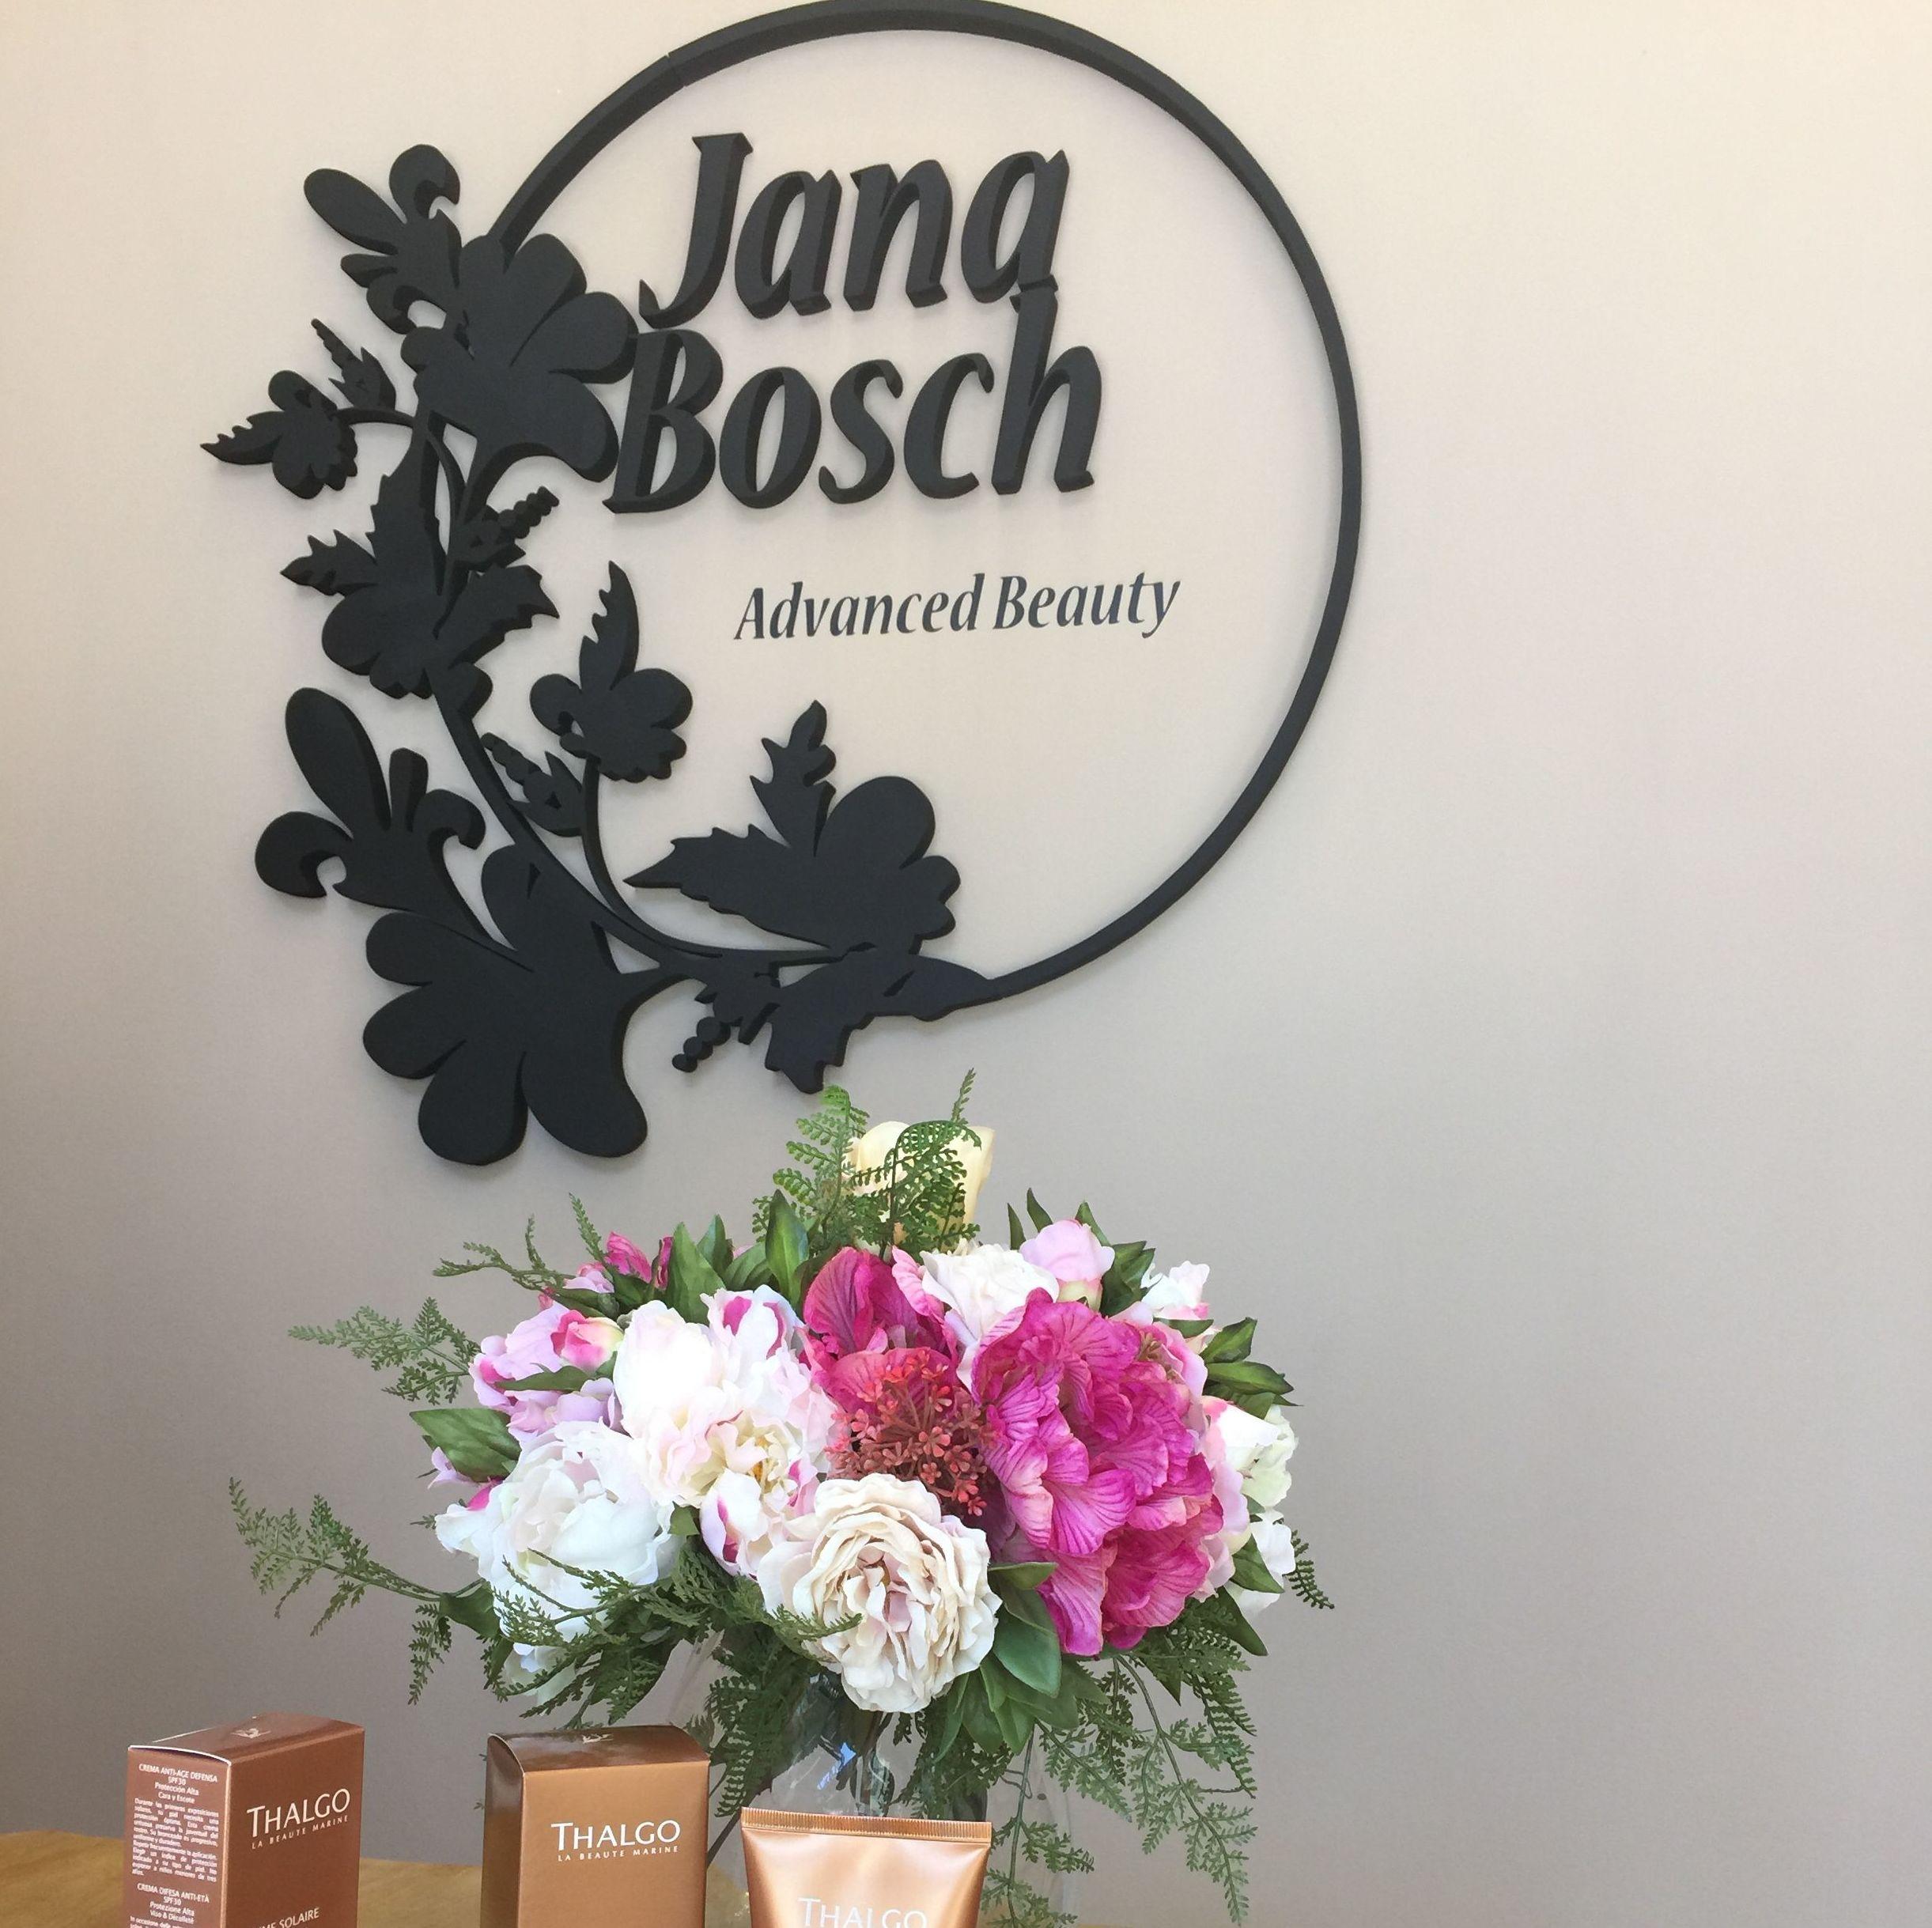 Centro de estética Jana Bosch, Valencia